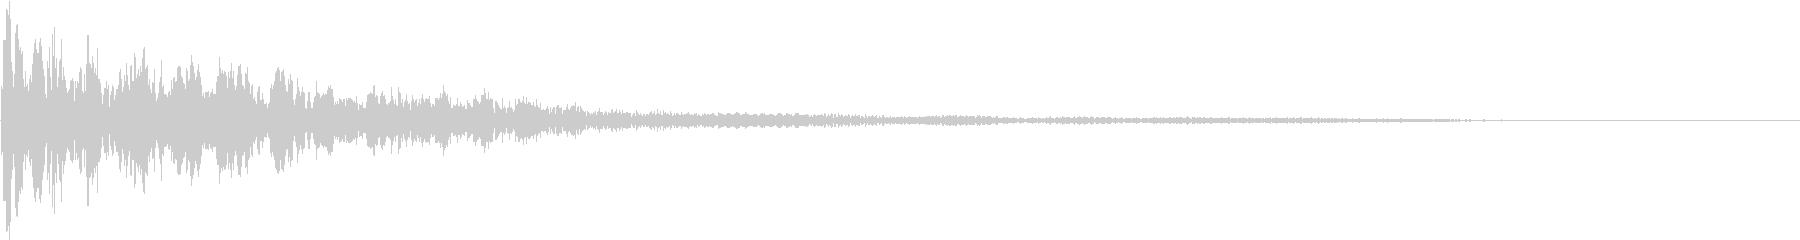 ずっしりとした鐘の音と、尾をひく低音の未再生の波形